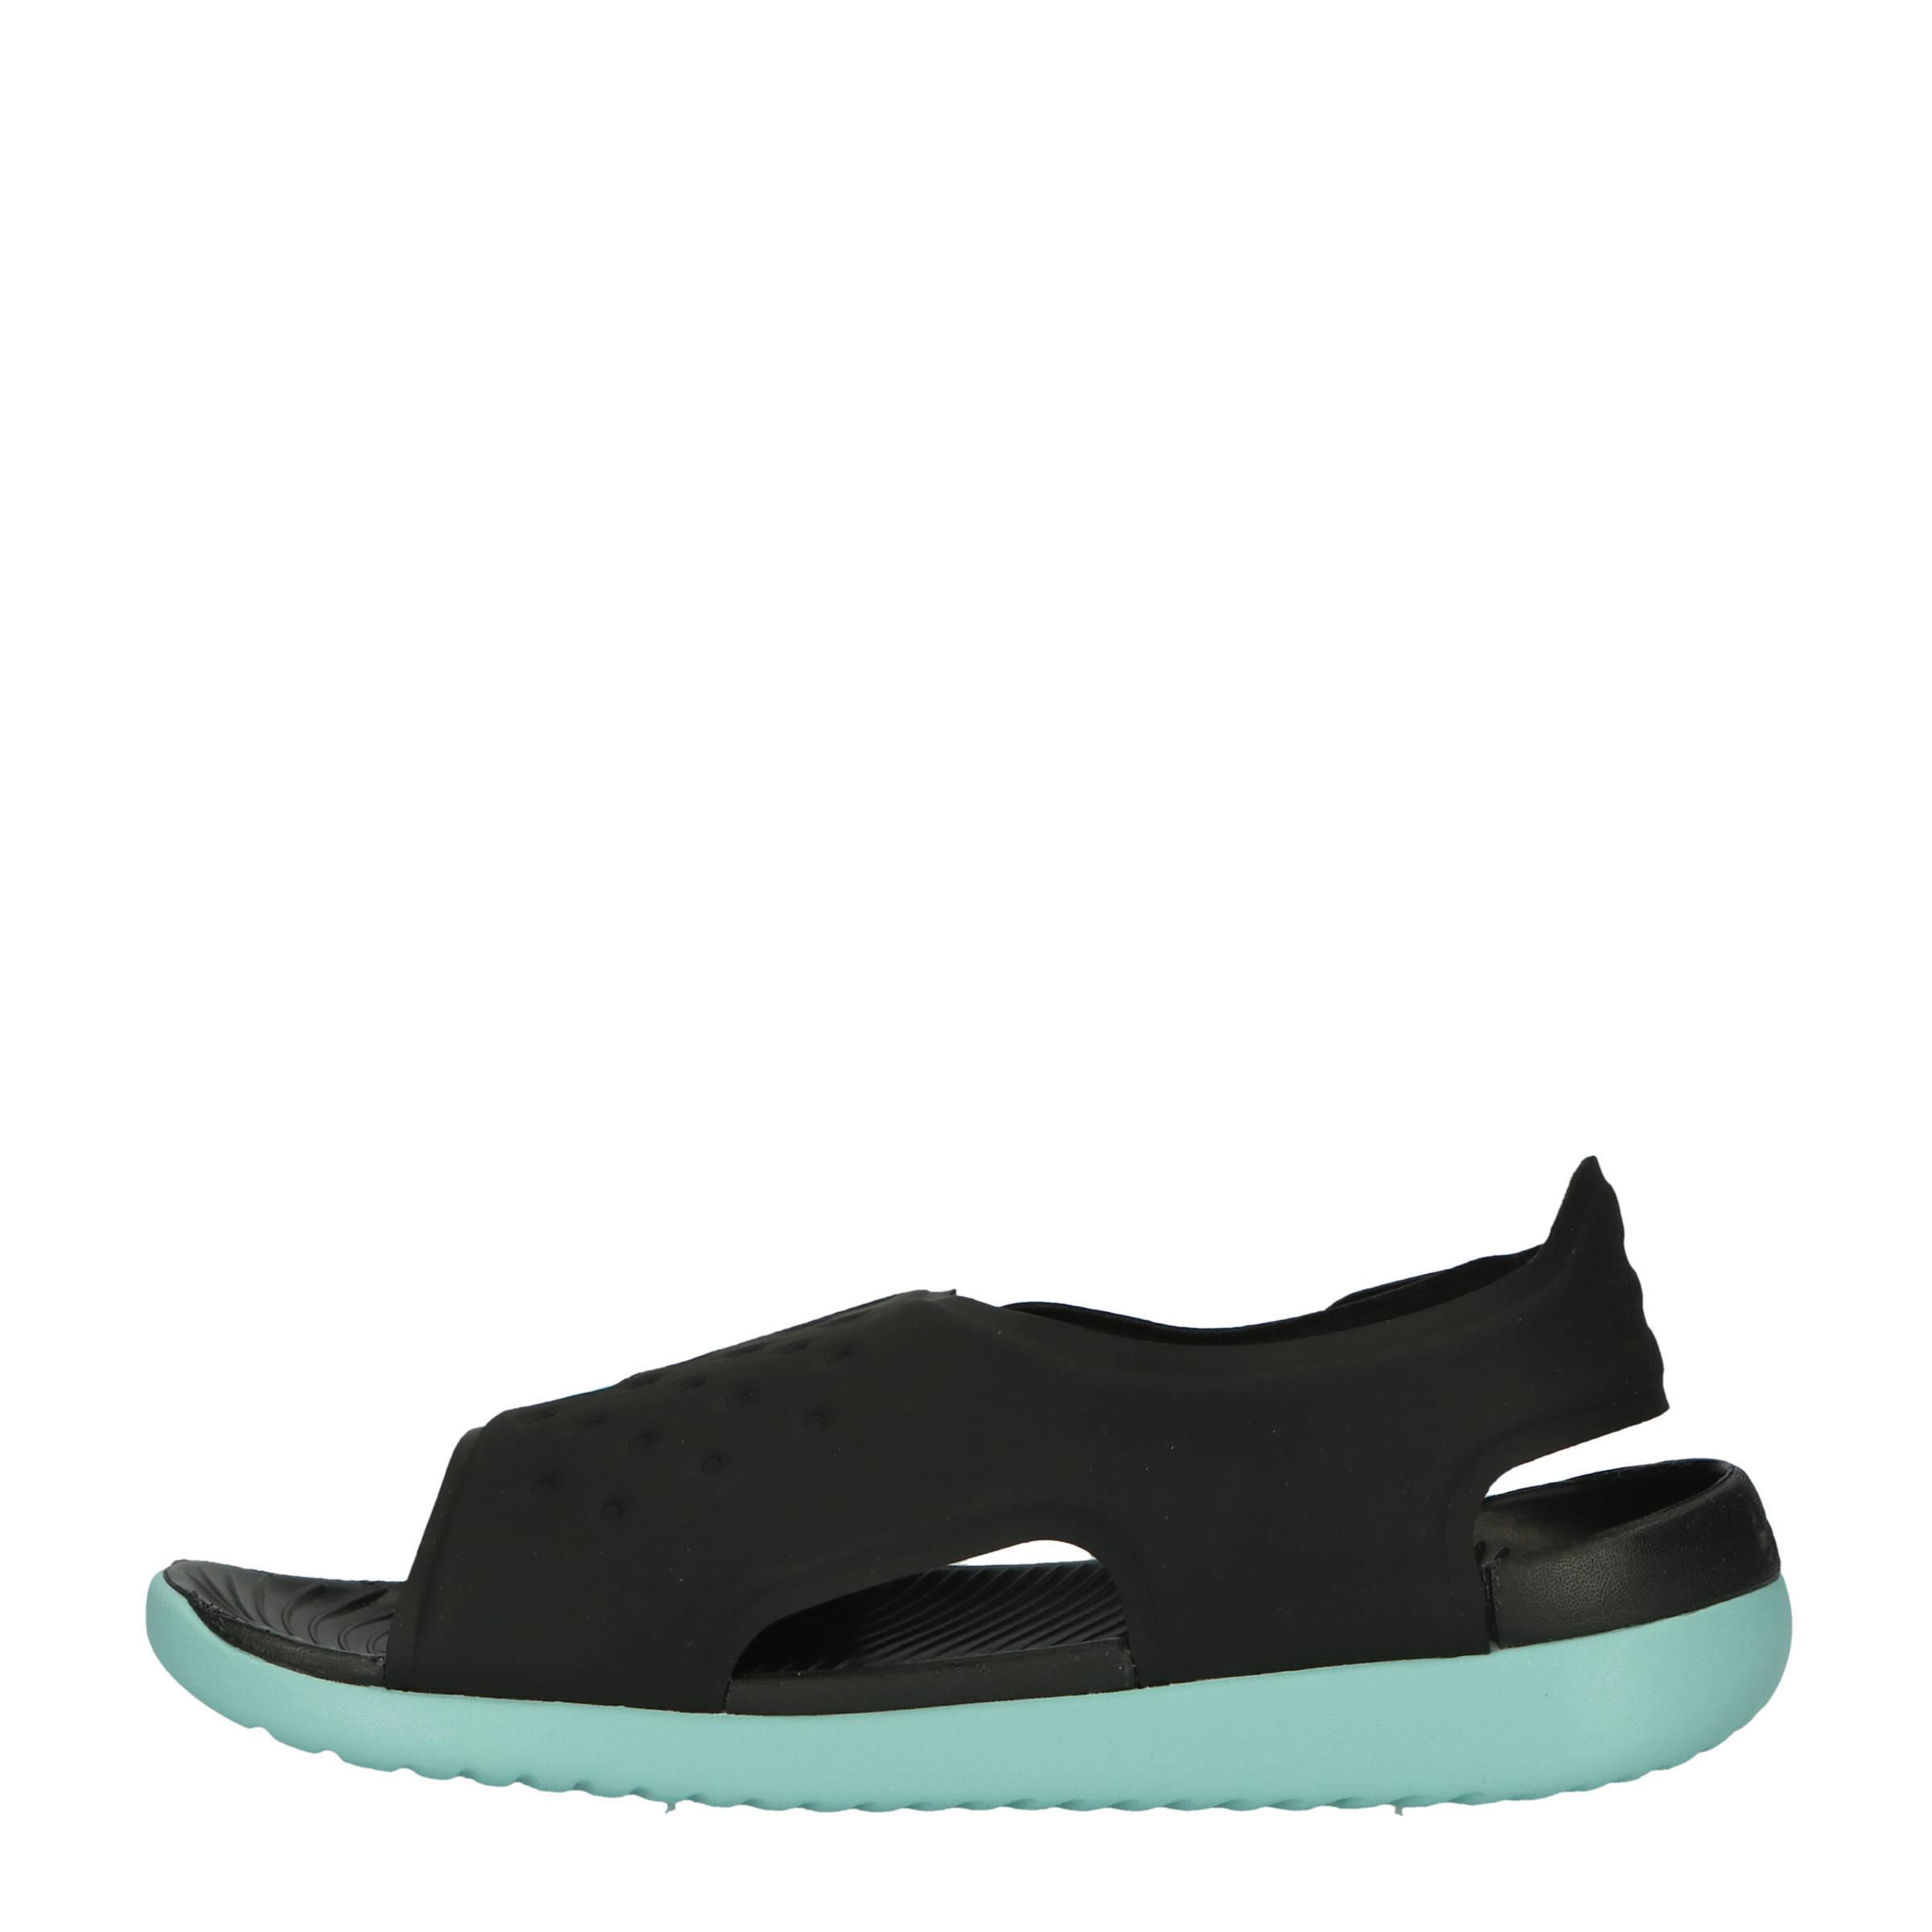 2a96fcacc035 Nike Sunray Adjust 5 waterschoenen zwart mintgroen kids